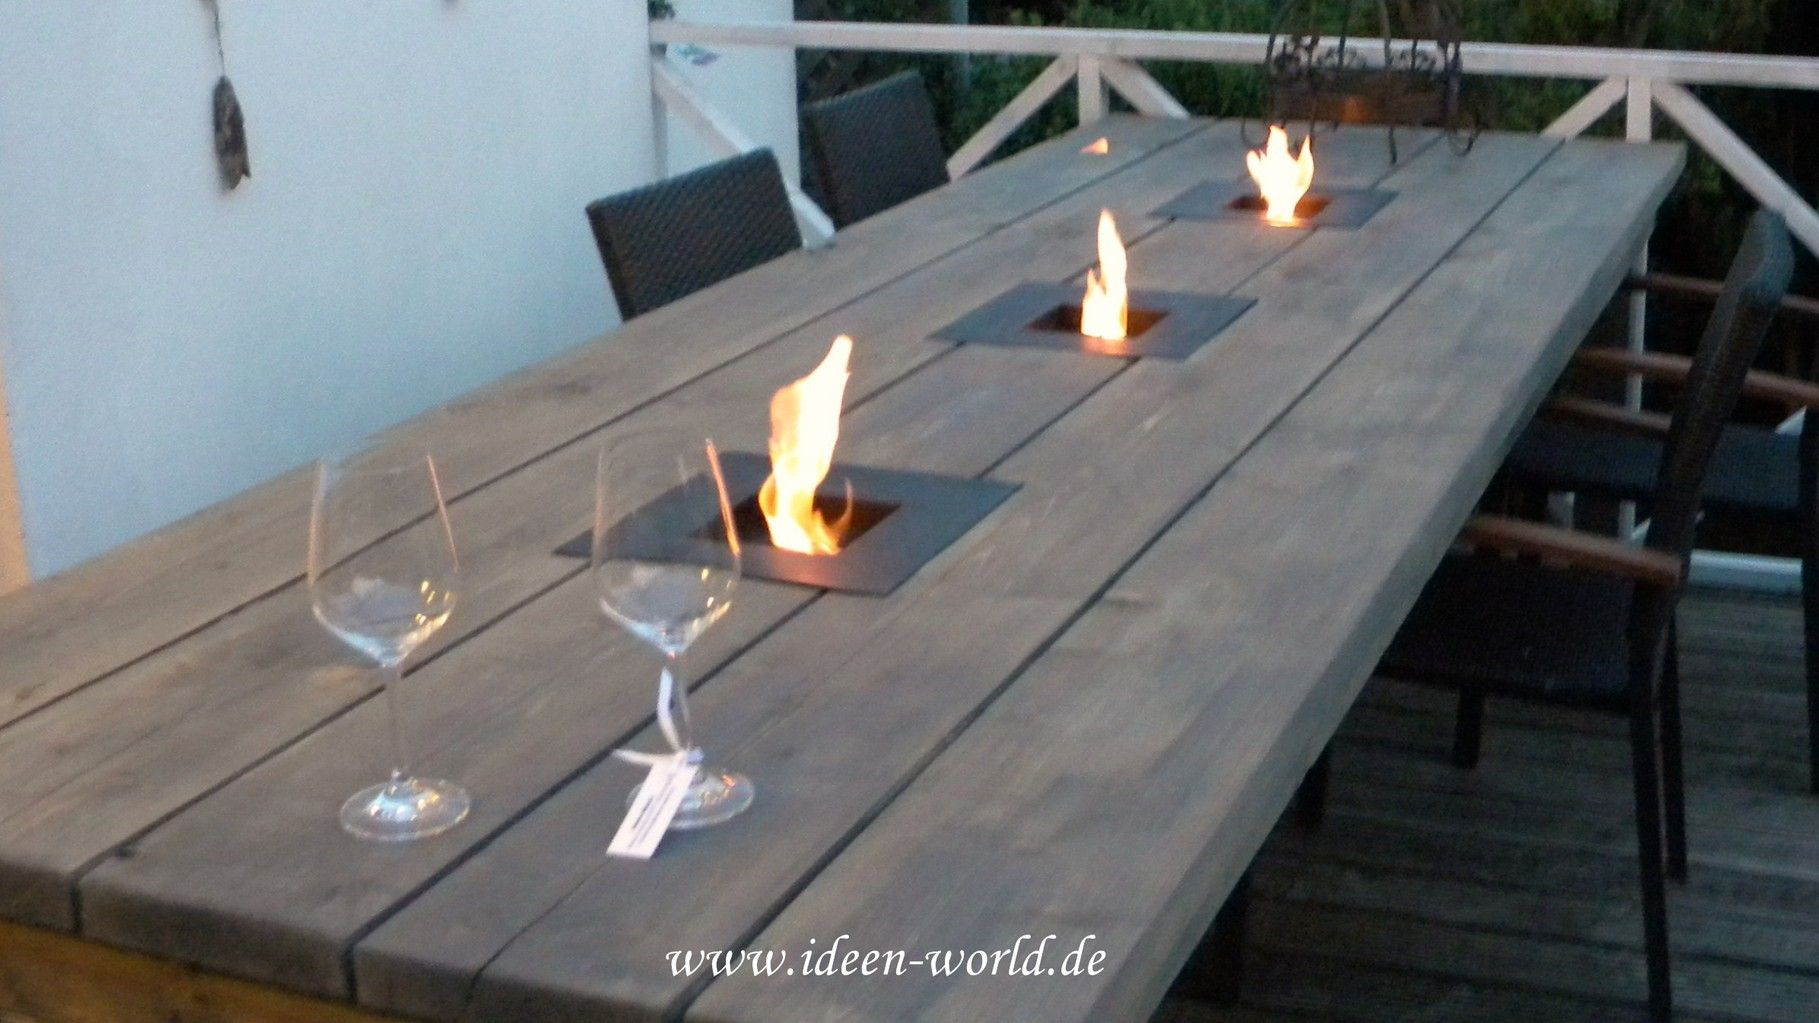 Gartenmöbel ,Gartentich ,Tisch Mit Feuerstelle, Individuelle Loungemöbel  ,einzigatige Lampen,besondere Deko,außergewönliche Gestaltungs Möglichkeitu2026